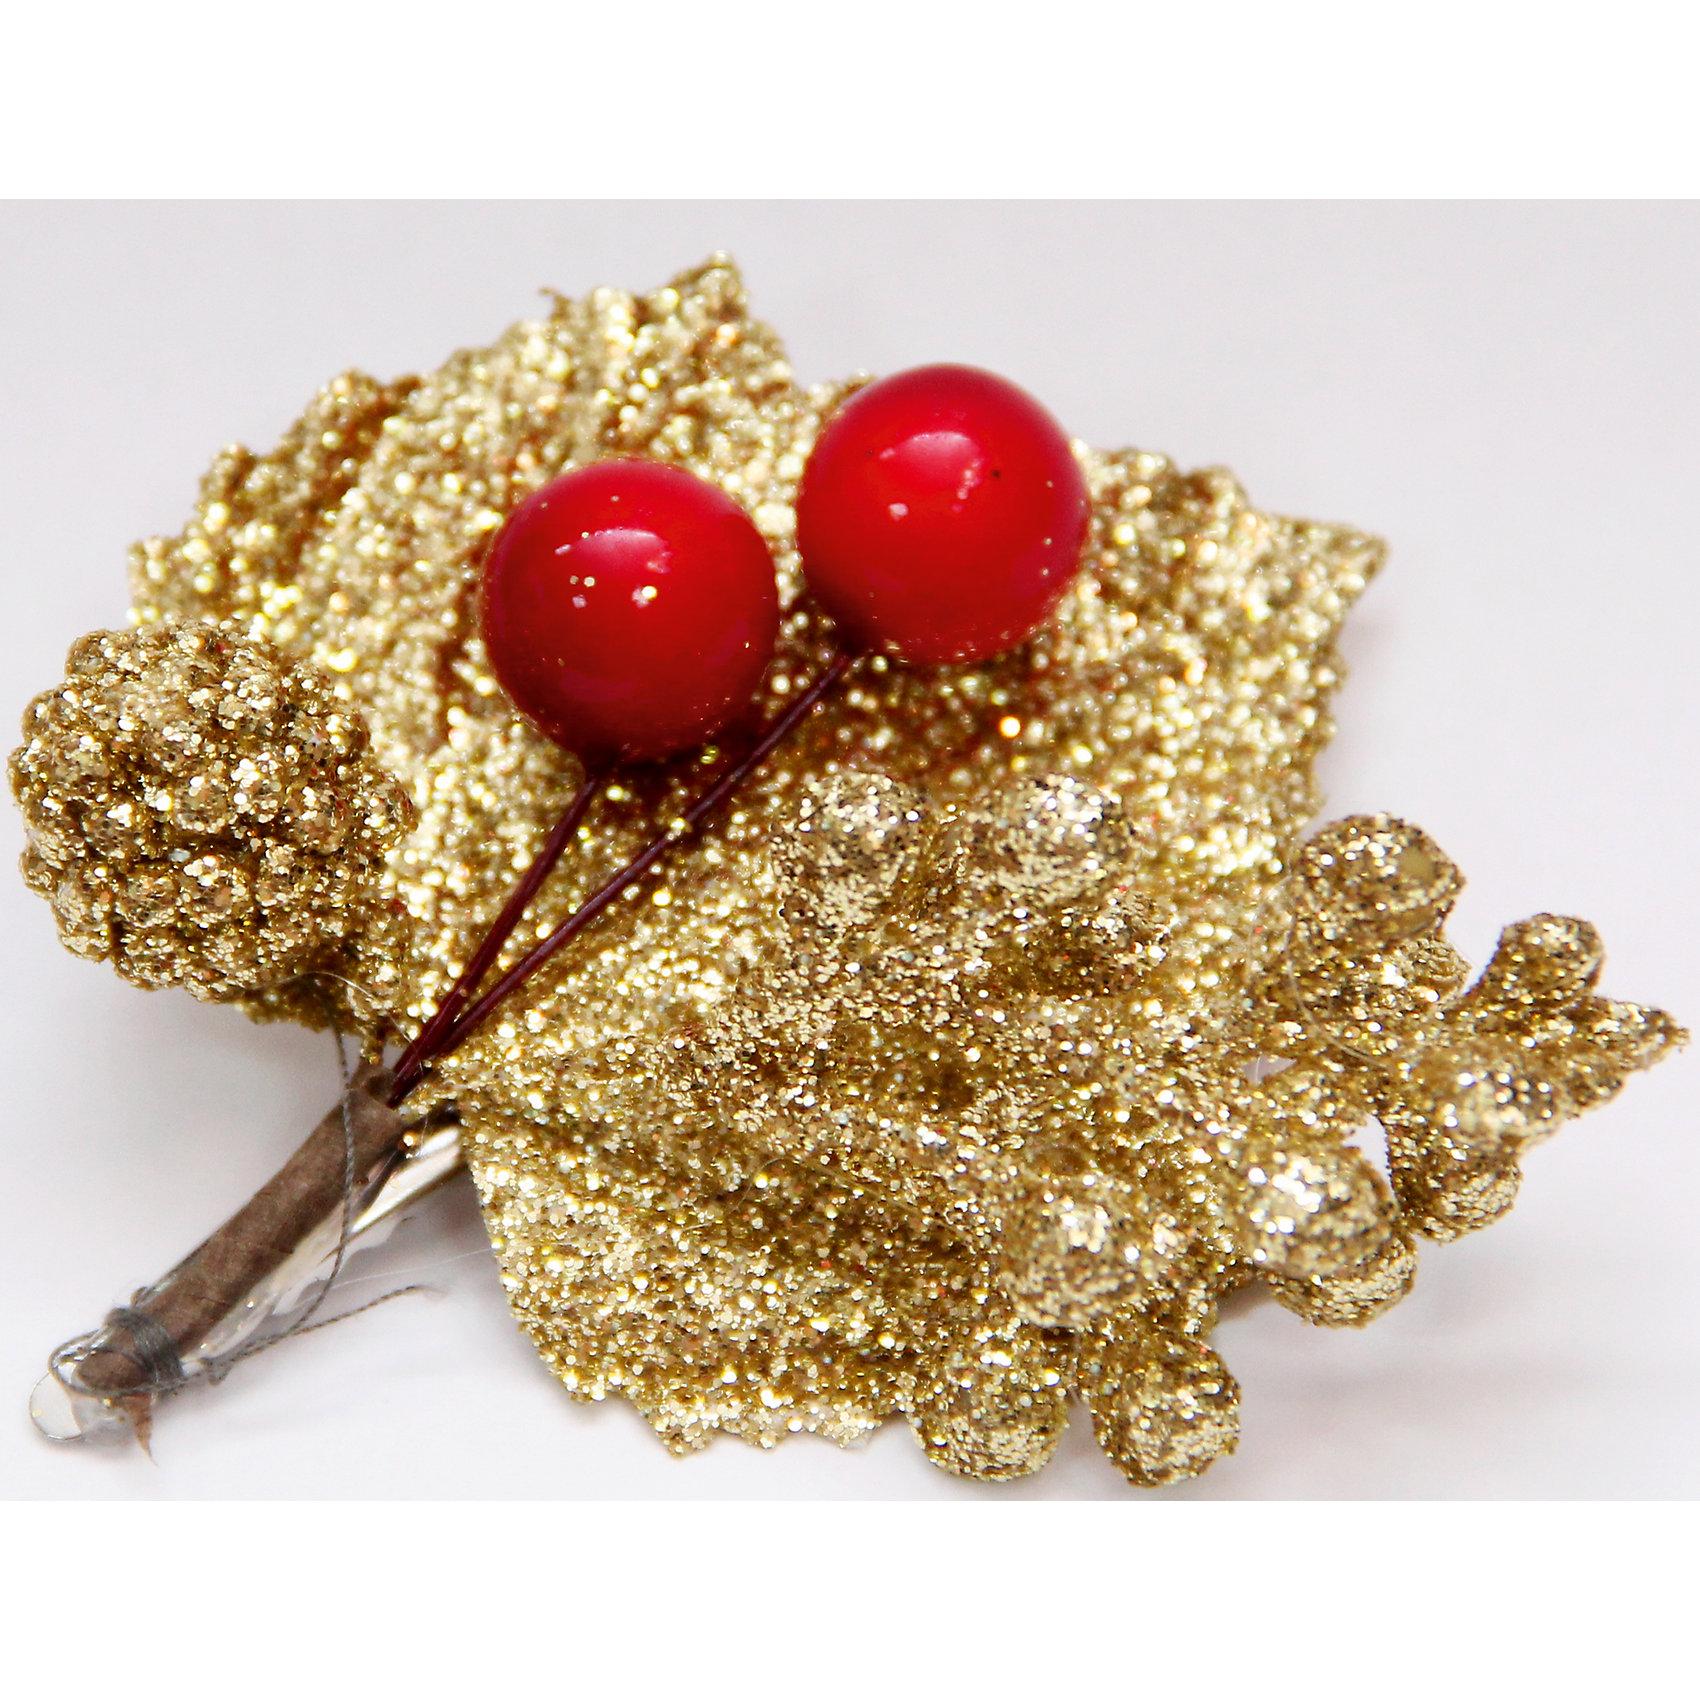 Украшение новогоднее Золотой лепесток с ягодами из пвх на клипсеВсё для праздника<br>Украшение новогоднее Лепесток Золотой с Ягодами арт.42507 из пвх на клипсе / 7x8<br><br>Ширина мм: 70<br>Глубина мм: 80<br>Высота мм: 10<br>Вес г: 11<br>Возраст от месяцев: 60<br>Возраст до месяцев: 600<br>Пол: Унисекс<br>Возраст: Детский<br>SKU: 5144583